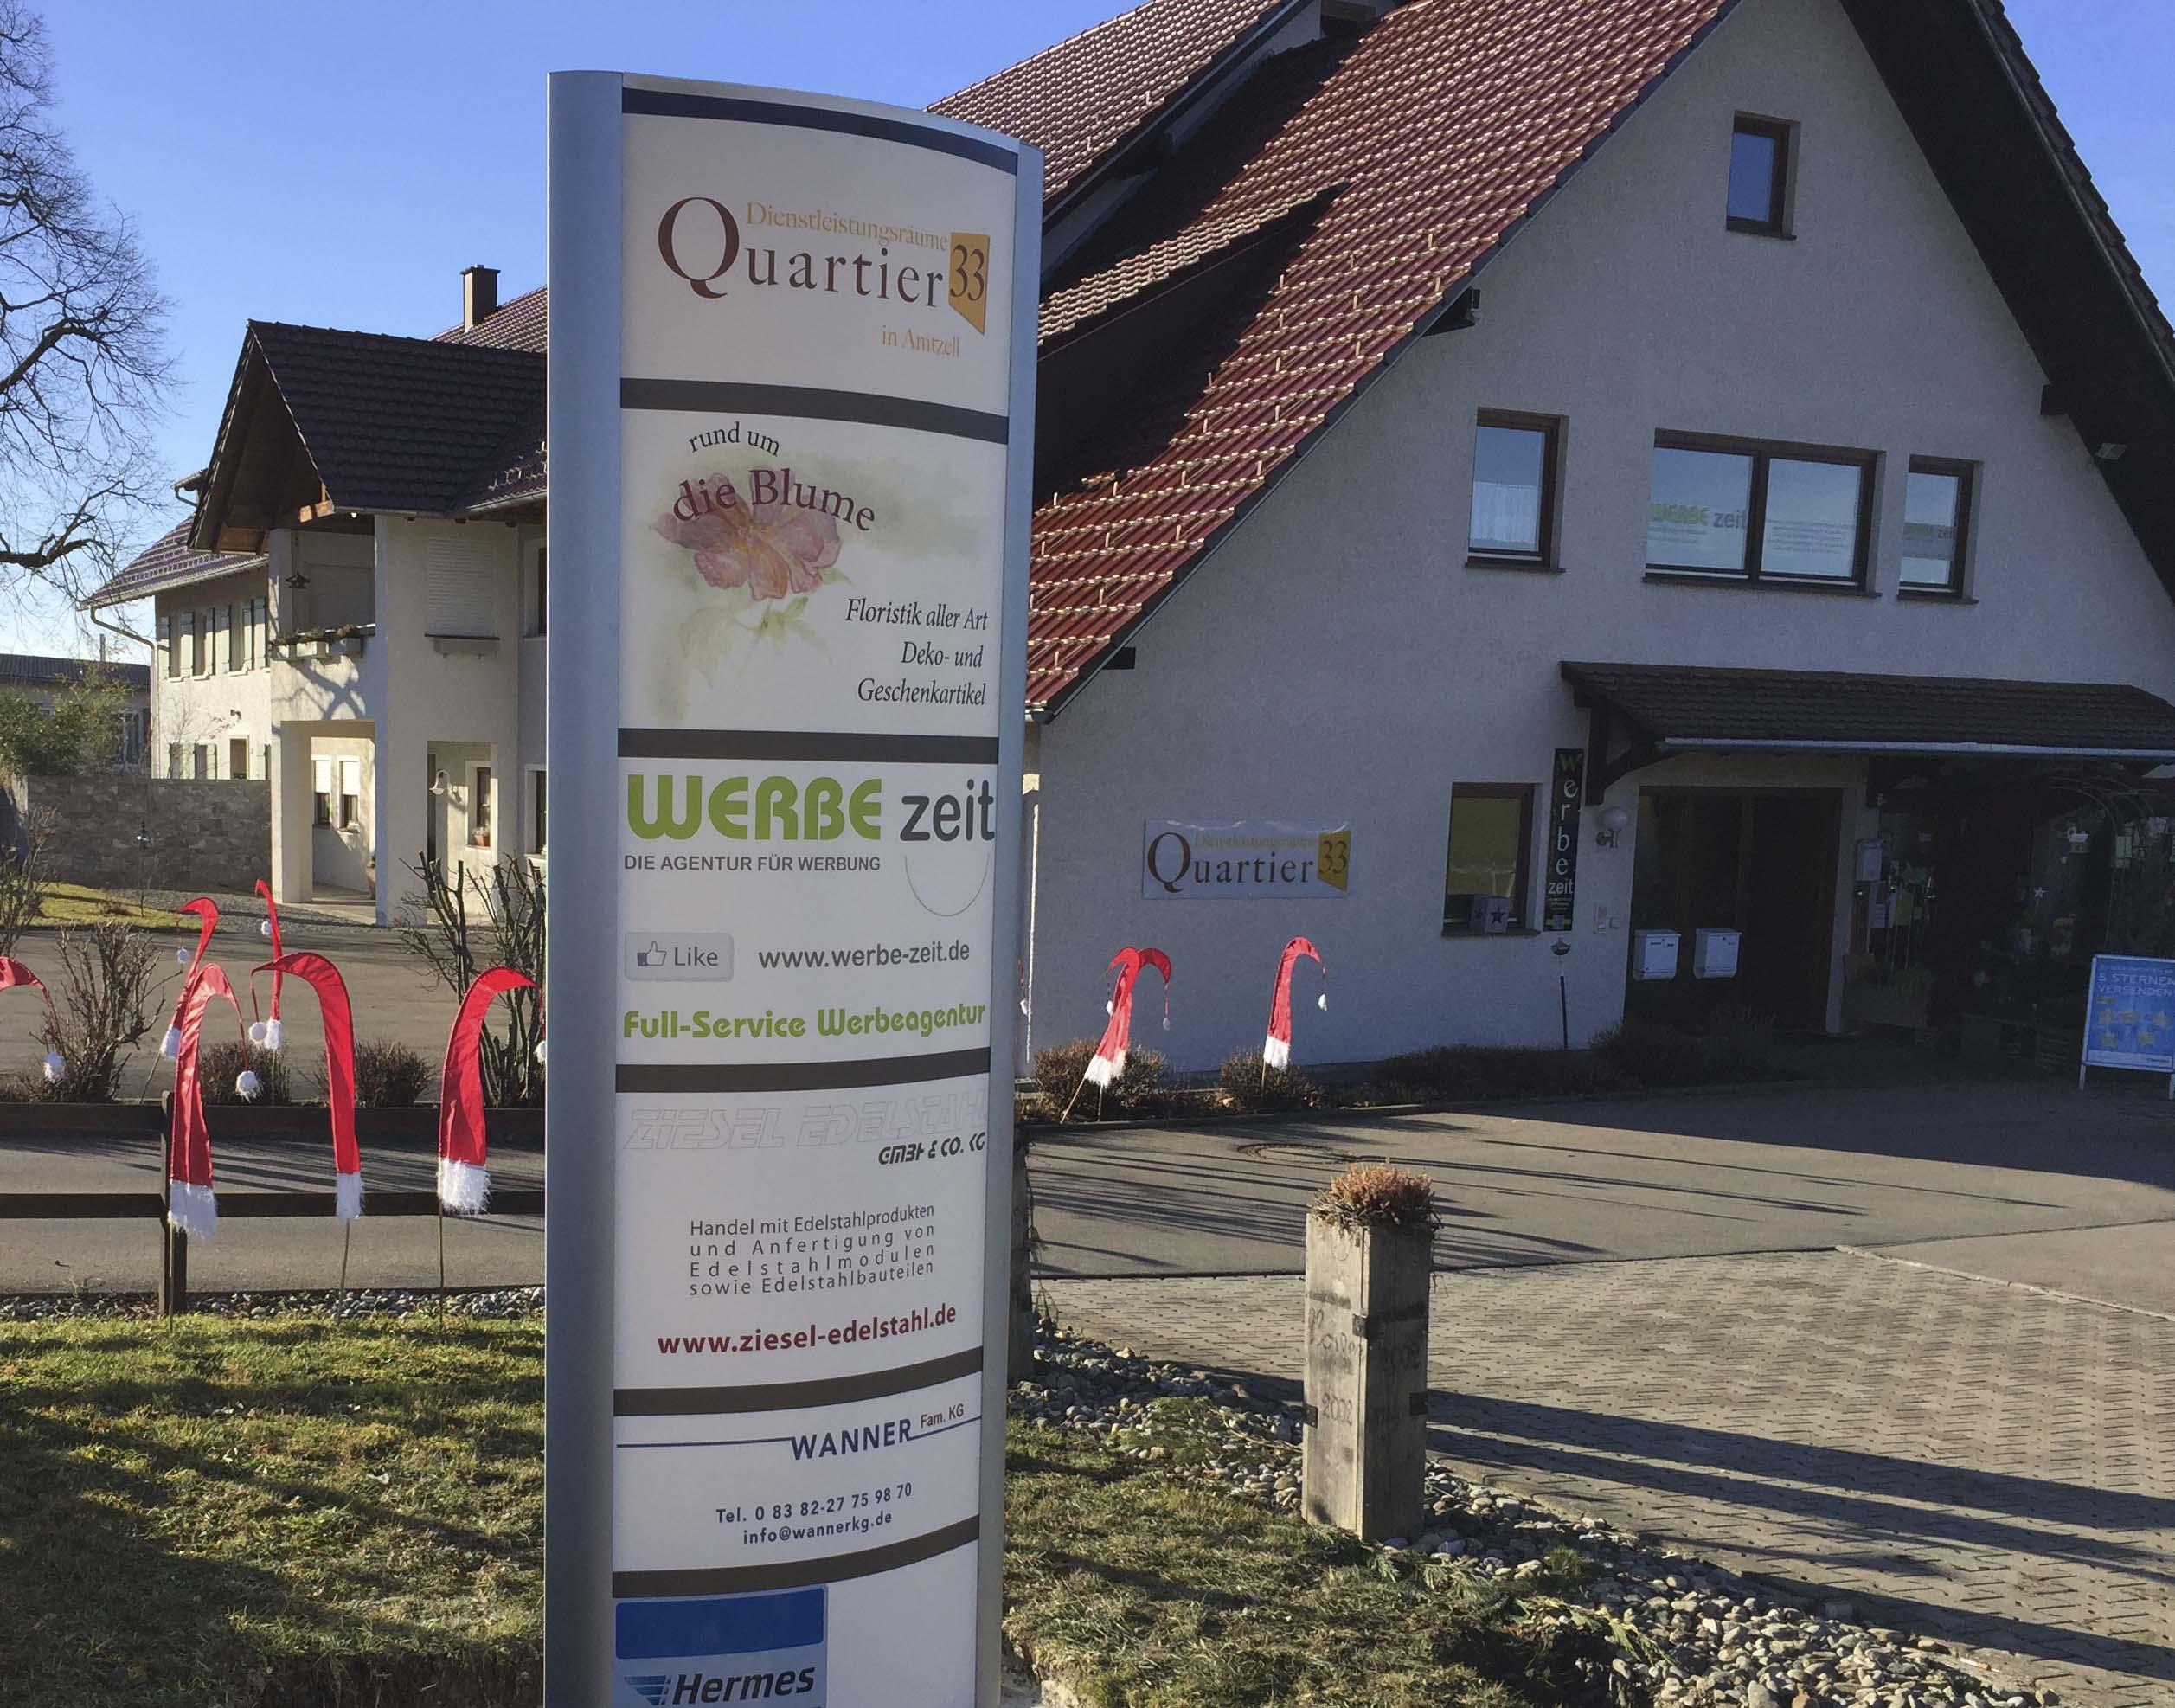 Werbezeit DIE AGENTUR FÜR WERBUNG / Andrea Sosset Amtzell